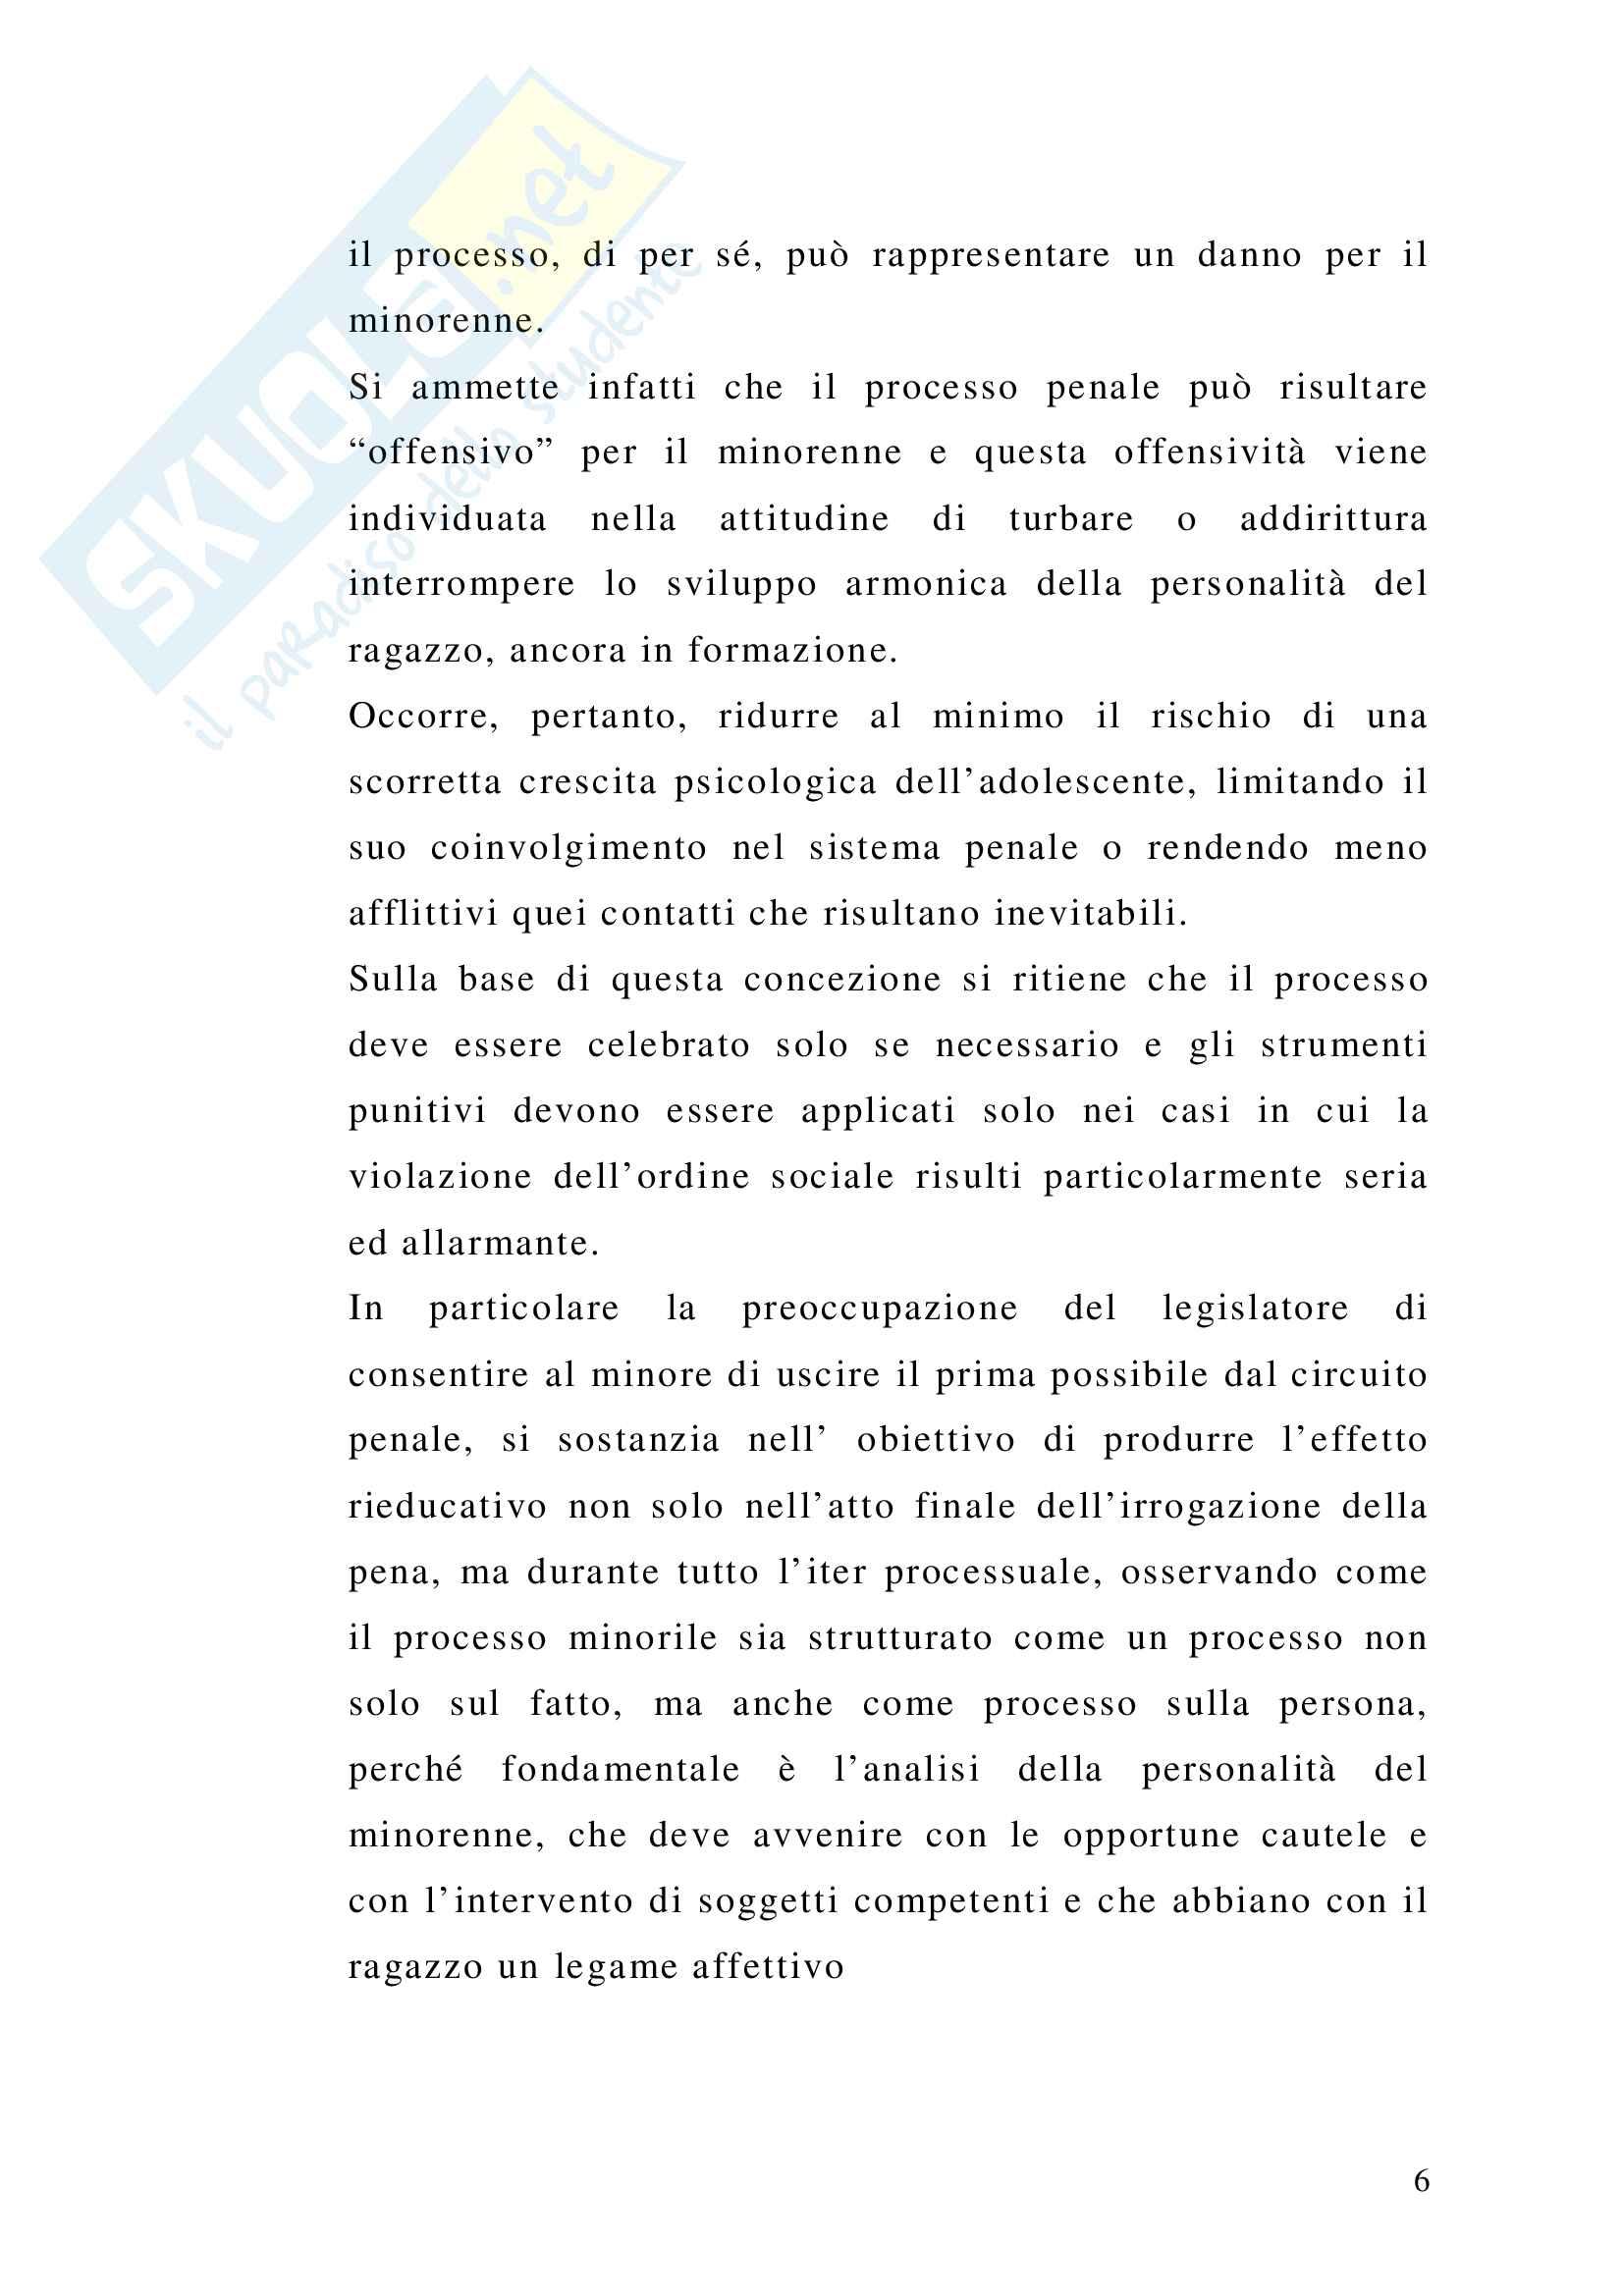 Il principio di minima offensività nel processo penale minorile Pag. 6